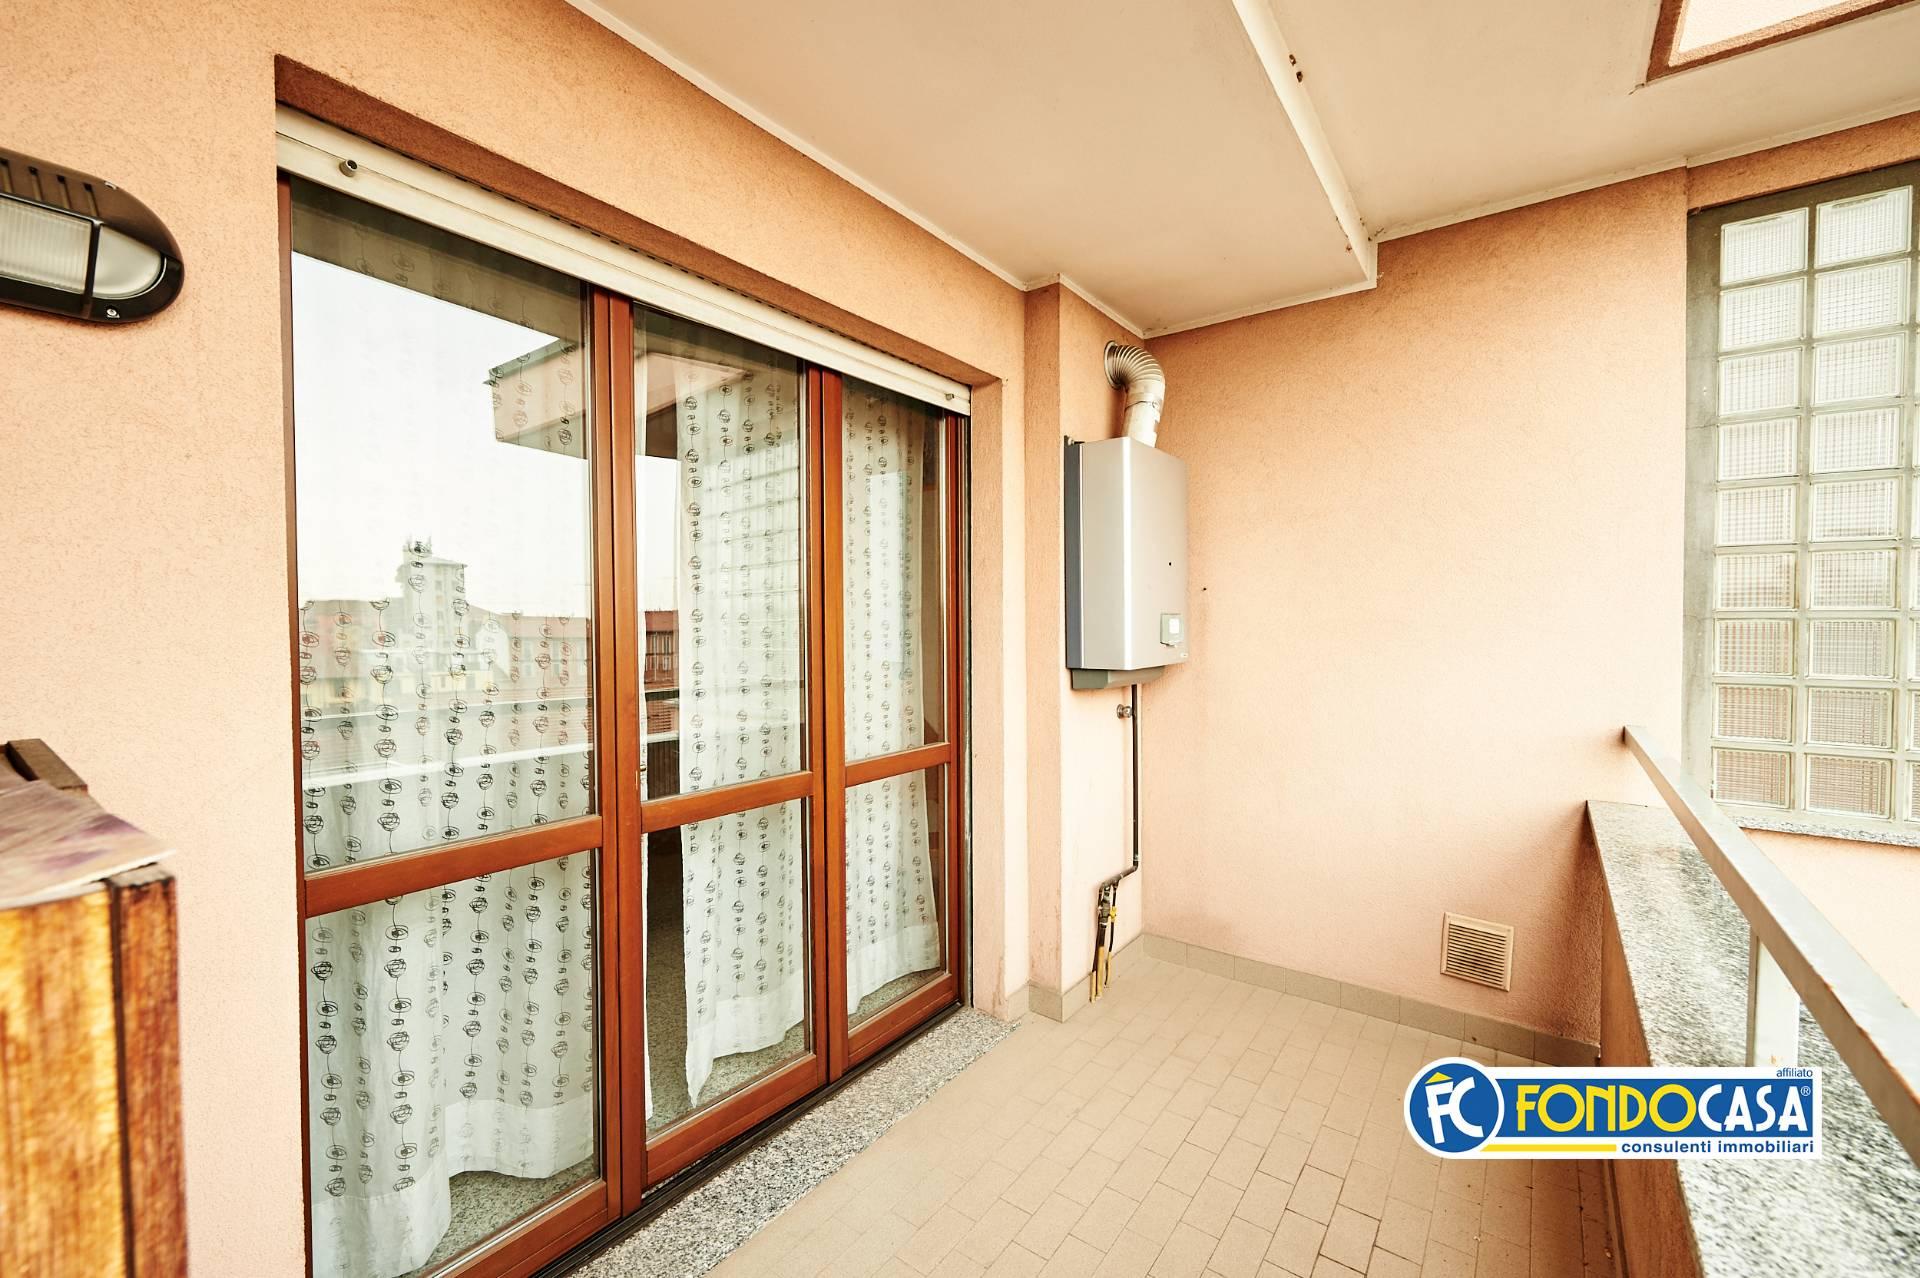 vendita appartamento milano quartiere adriano  275000 euro  2 locali  105 mq